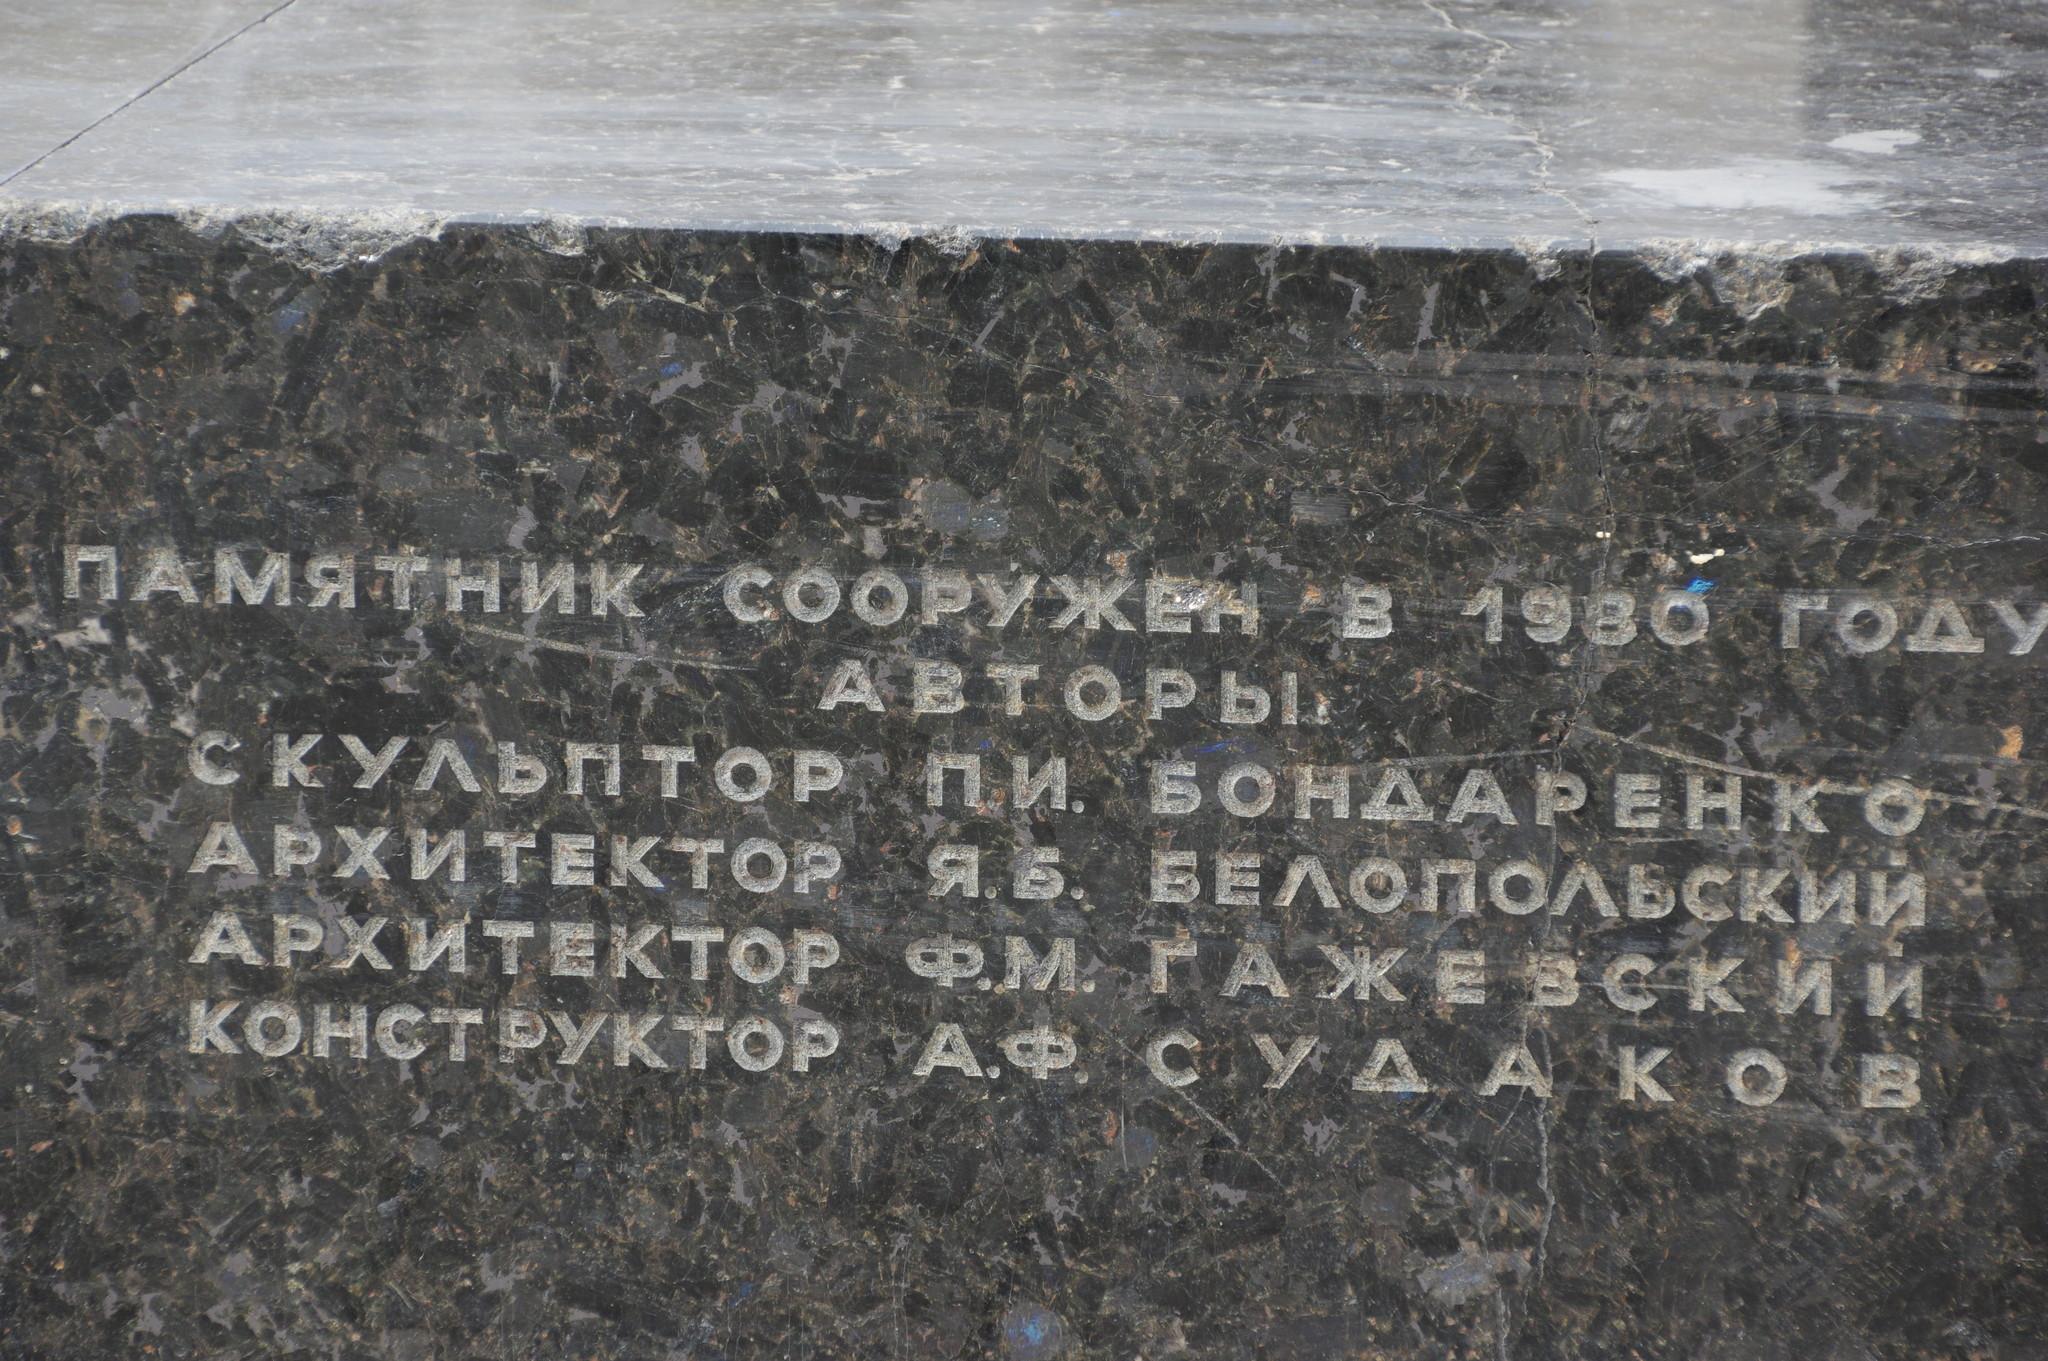 Памятник Ю.А. Гагарину в Москве